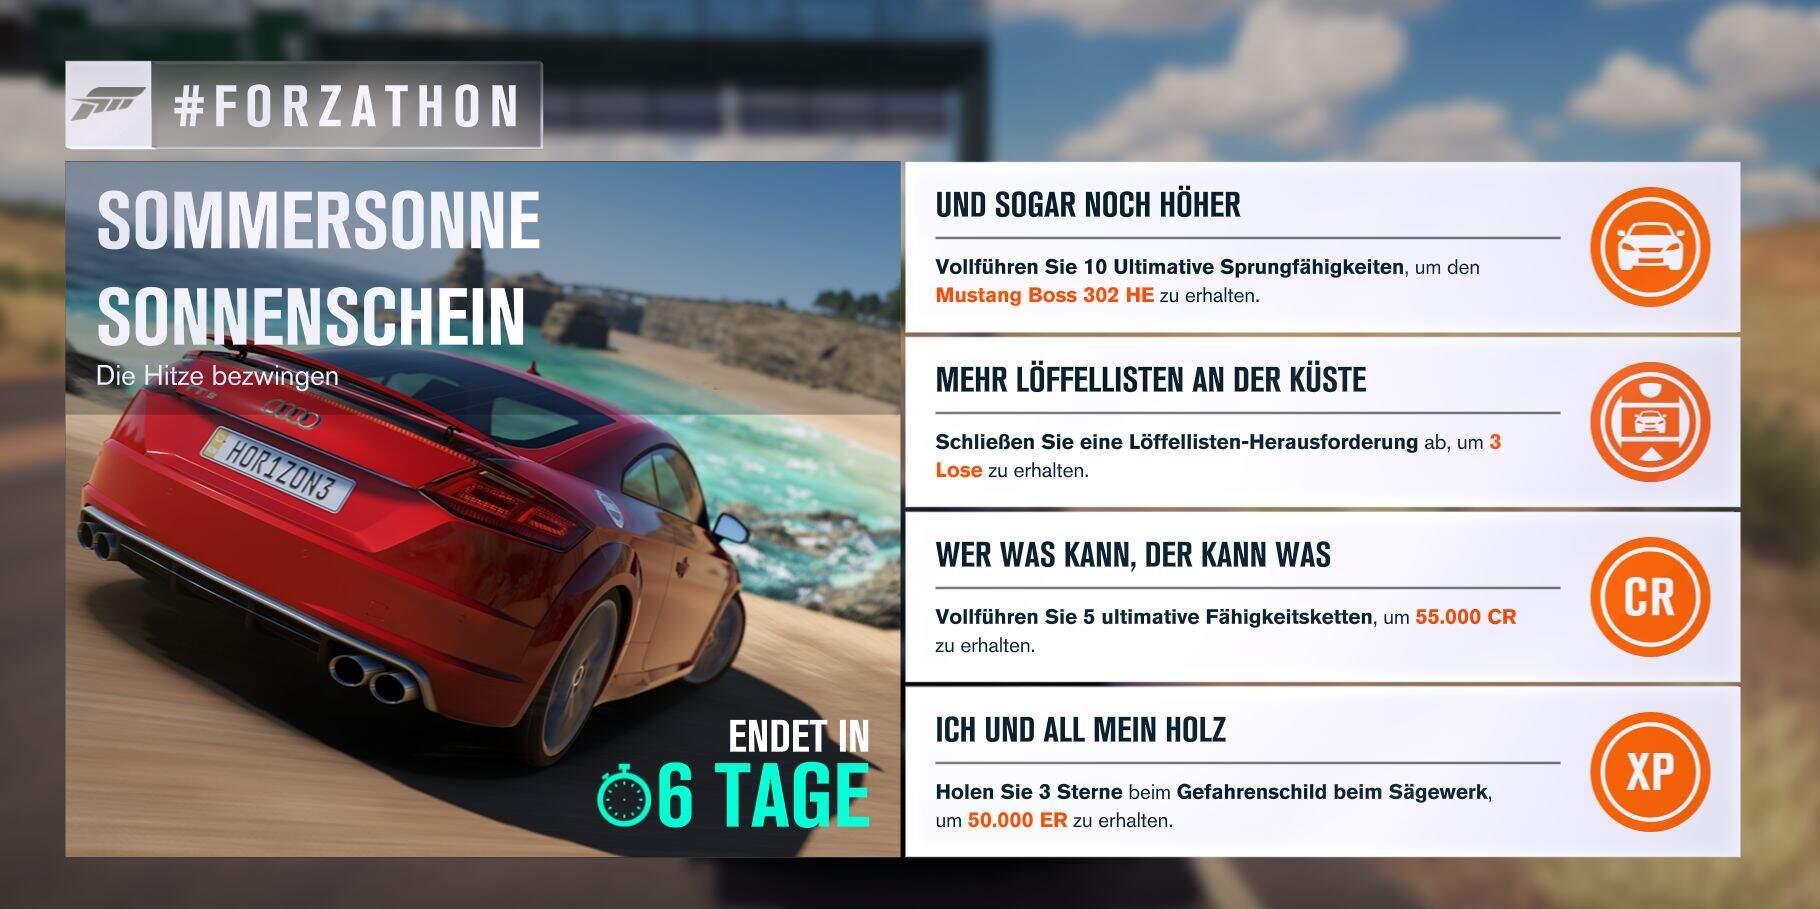 Forza Horizon 3 #Forzathon Guide KW 27 – Sommersonne Sonnenschein